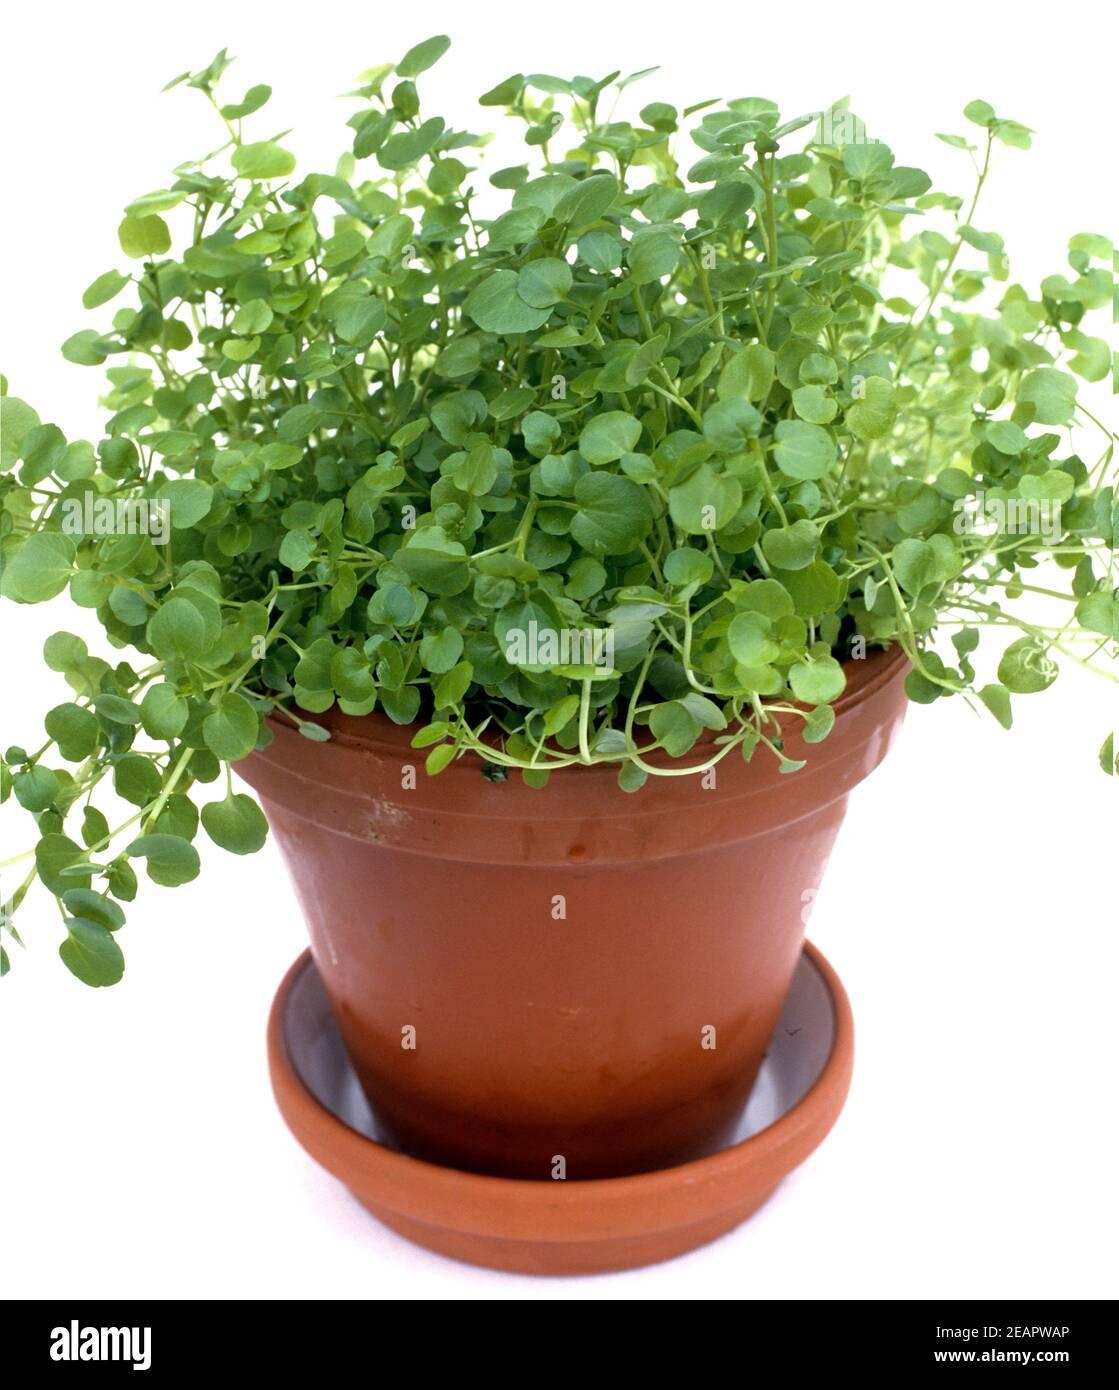 Brunnenkresse, Nasturtium officinale, Heilpflanze, Küchenkraut, Gewürzkraut, Wasserpflanze Stock Photo